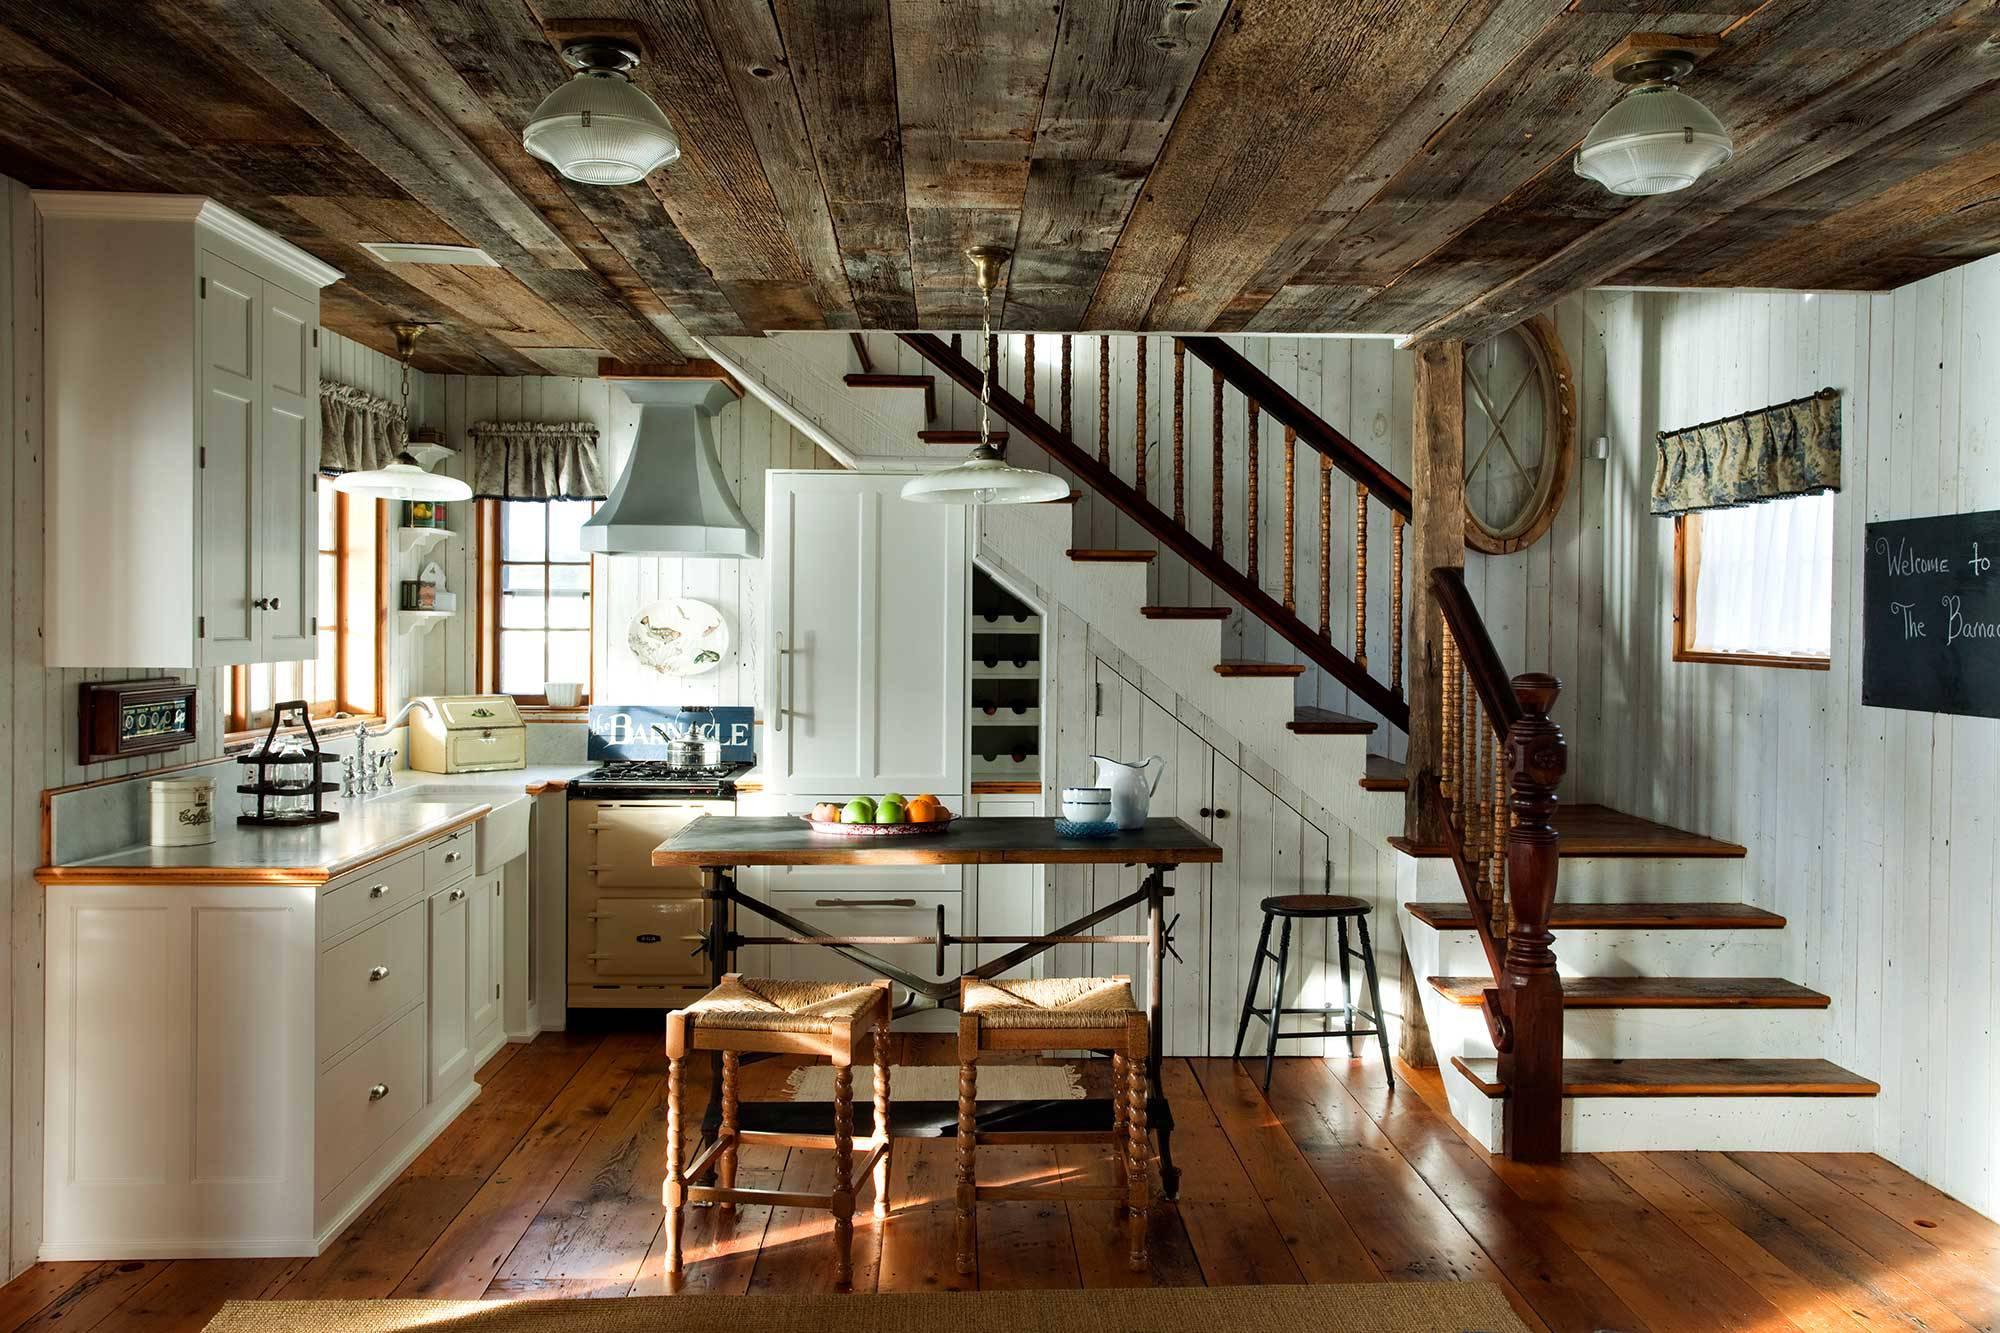 Потолок в частном доме своими руками (80 фото как сделать самому) 56